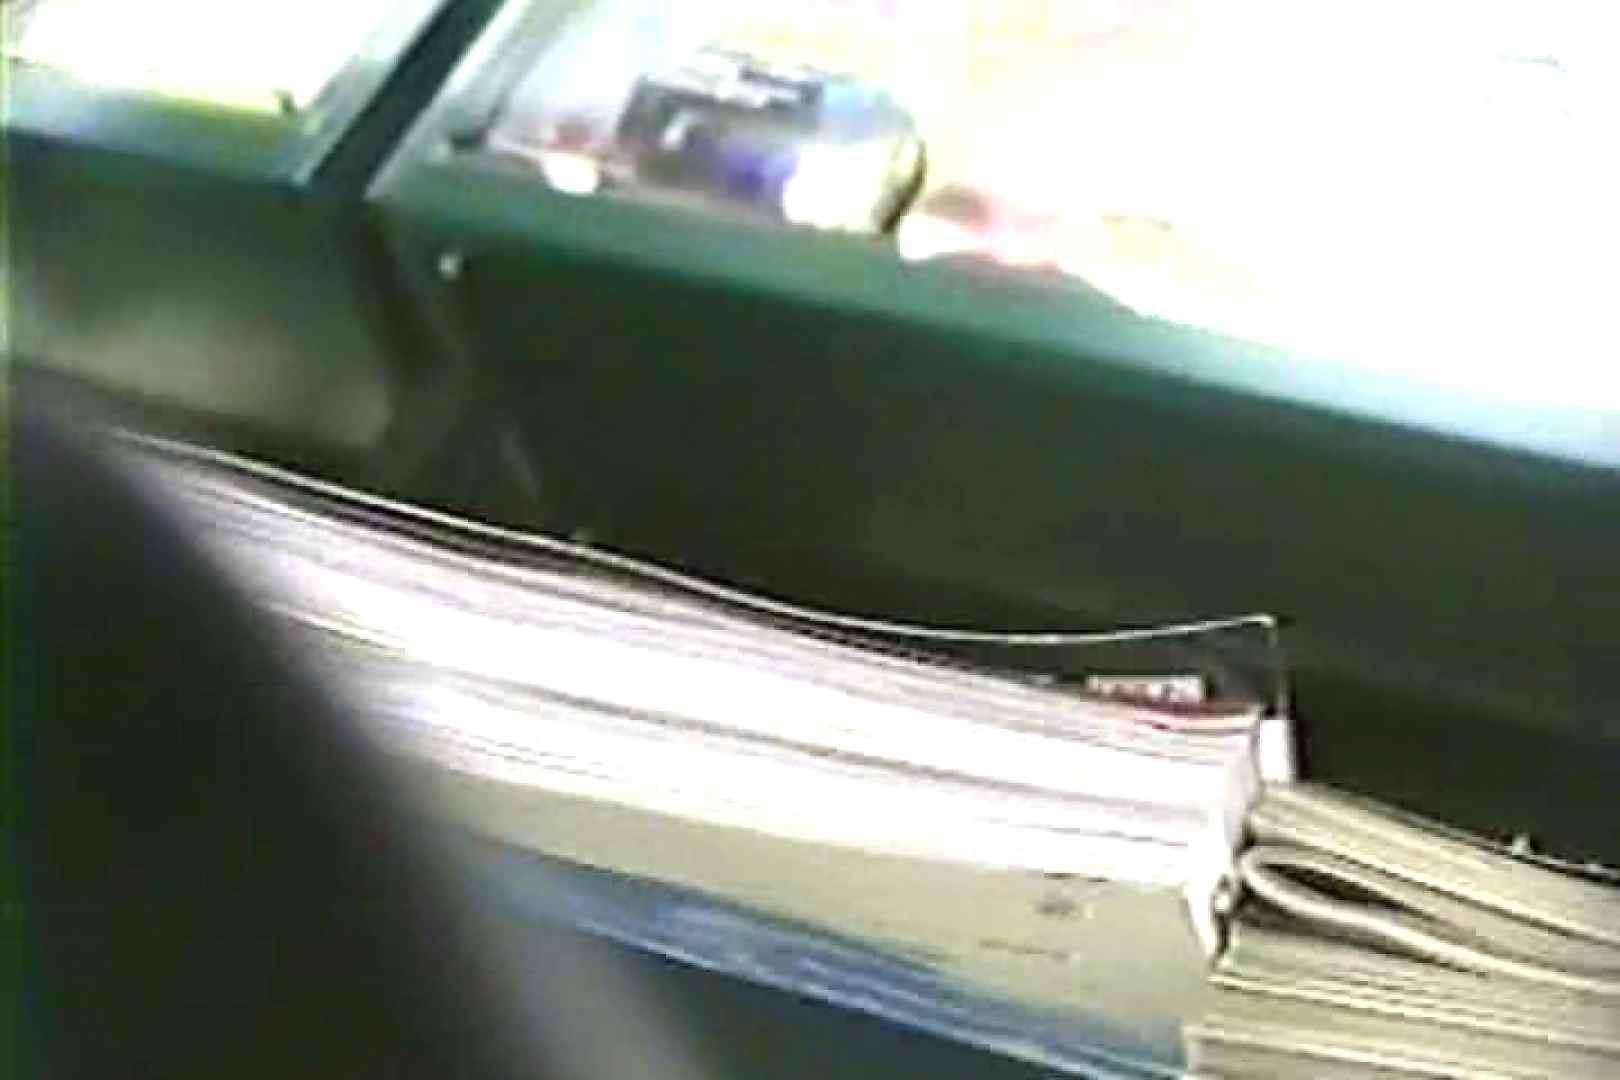 「ちくりん」さんのオリジナル未編集パンチラVol.9_02 エロティックなOL AV動画キャプチャ 95画像 32